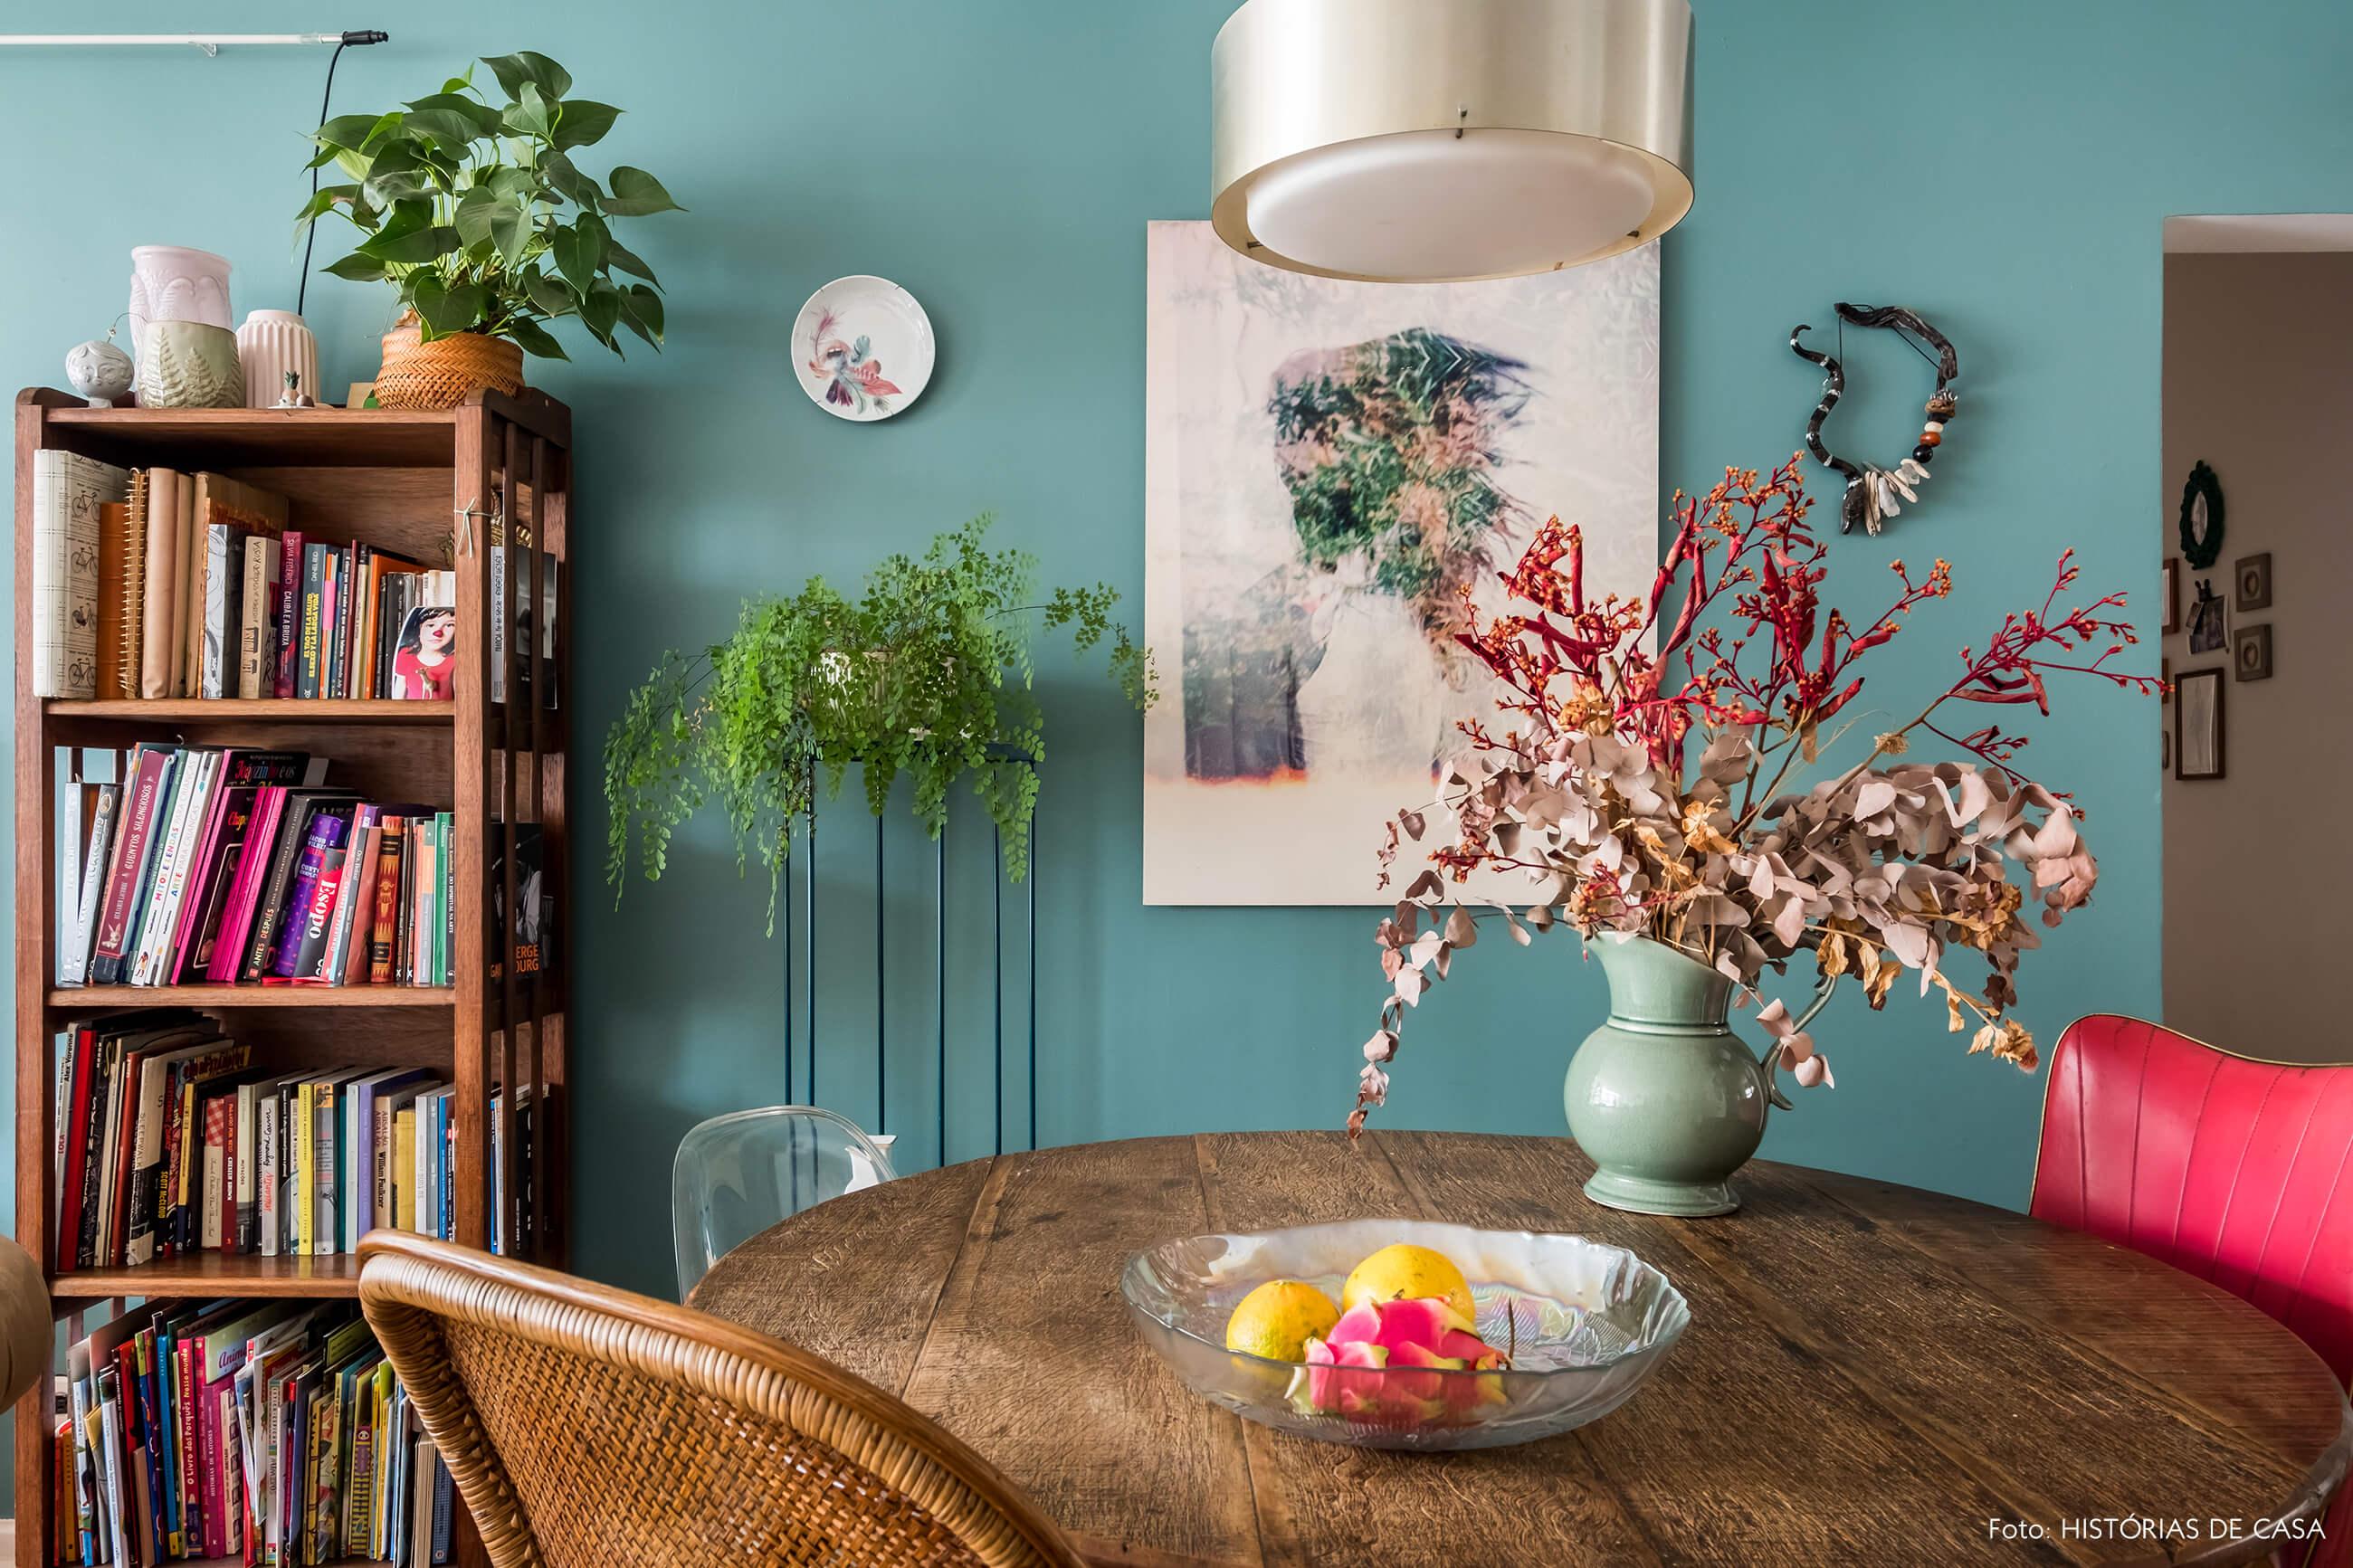 Sala de jantar com mesa redonda e parede pintada de azul, móveis rústicos de madeira